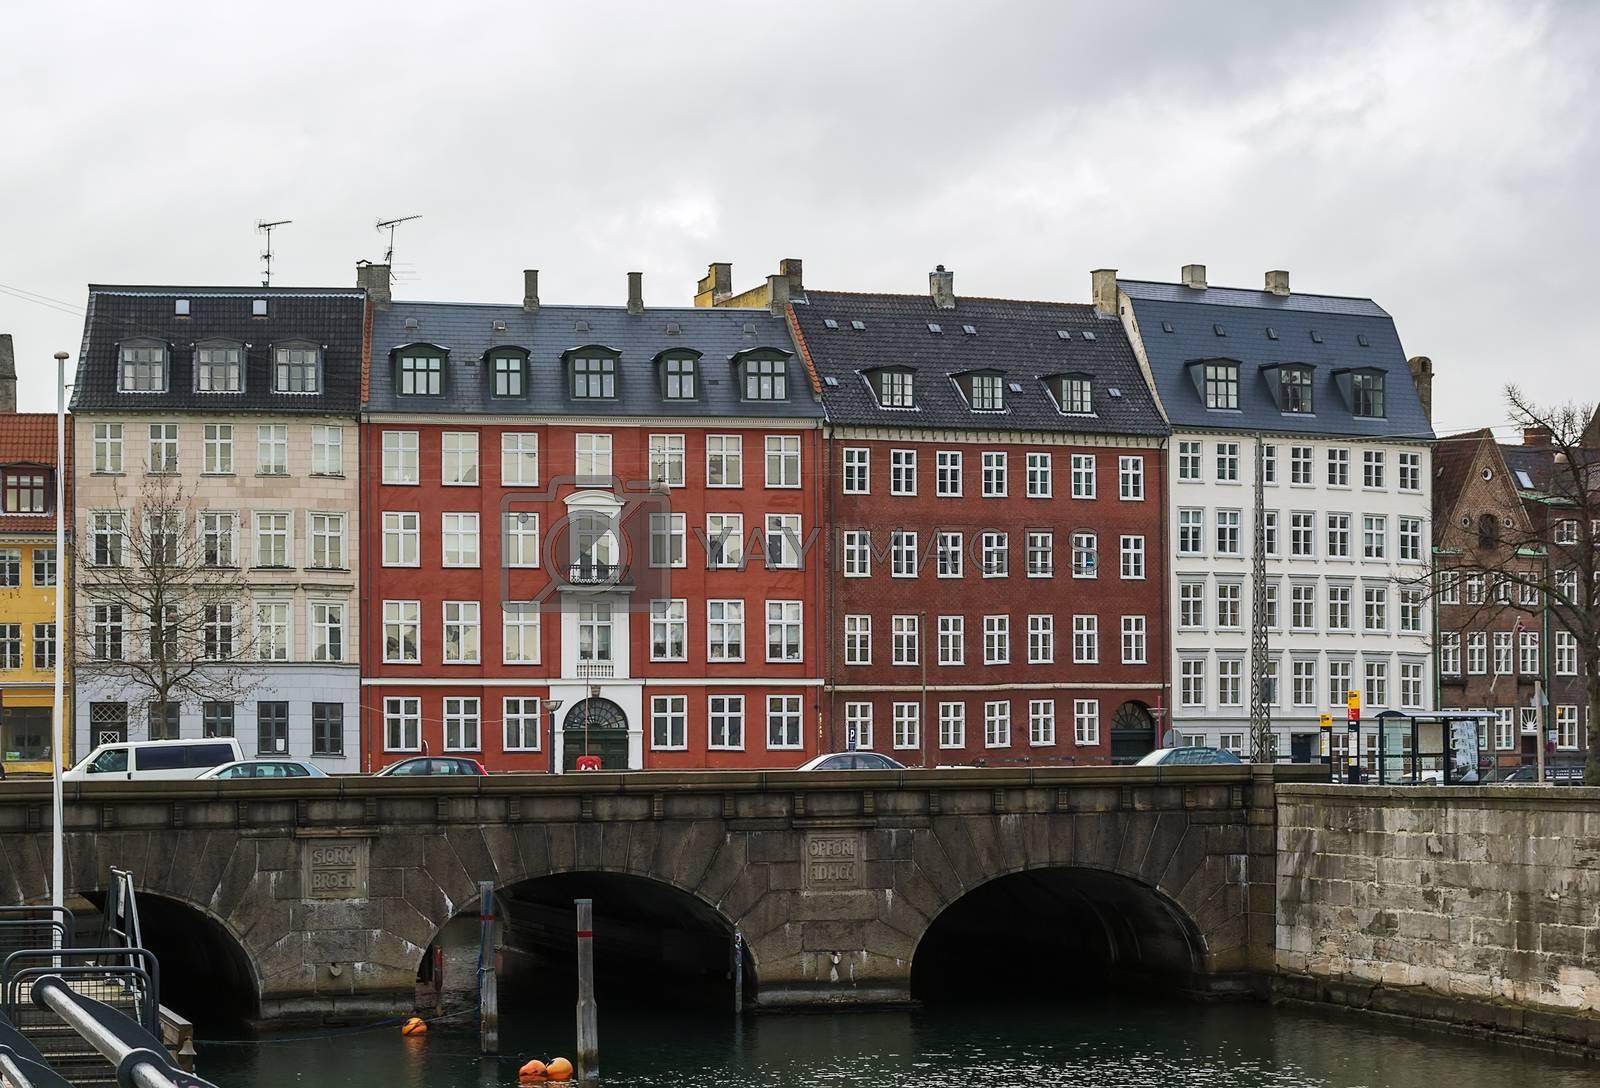 Embankment in Copenhagen by borisb17